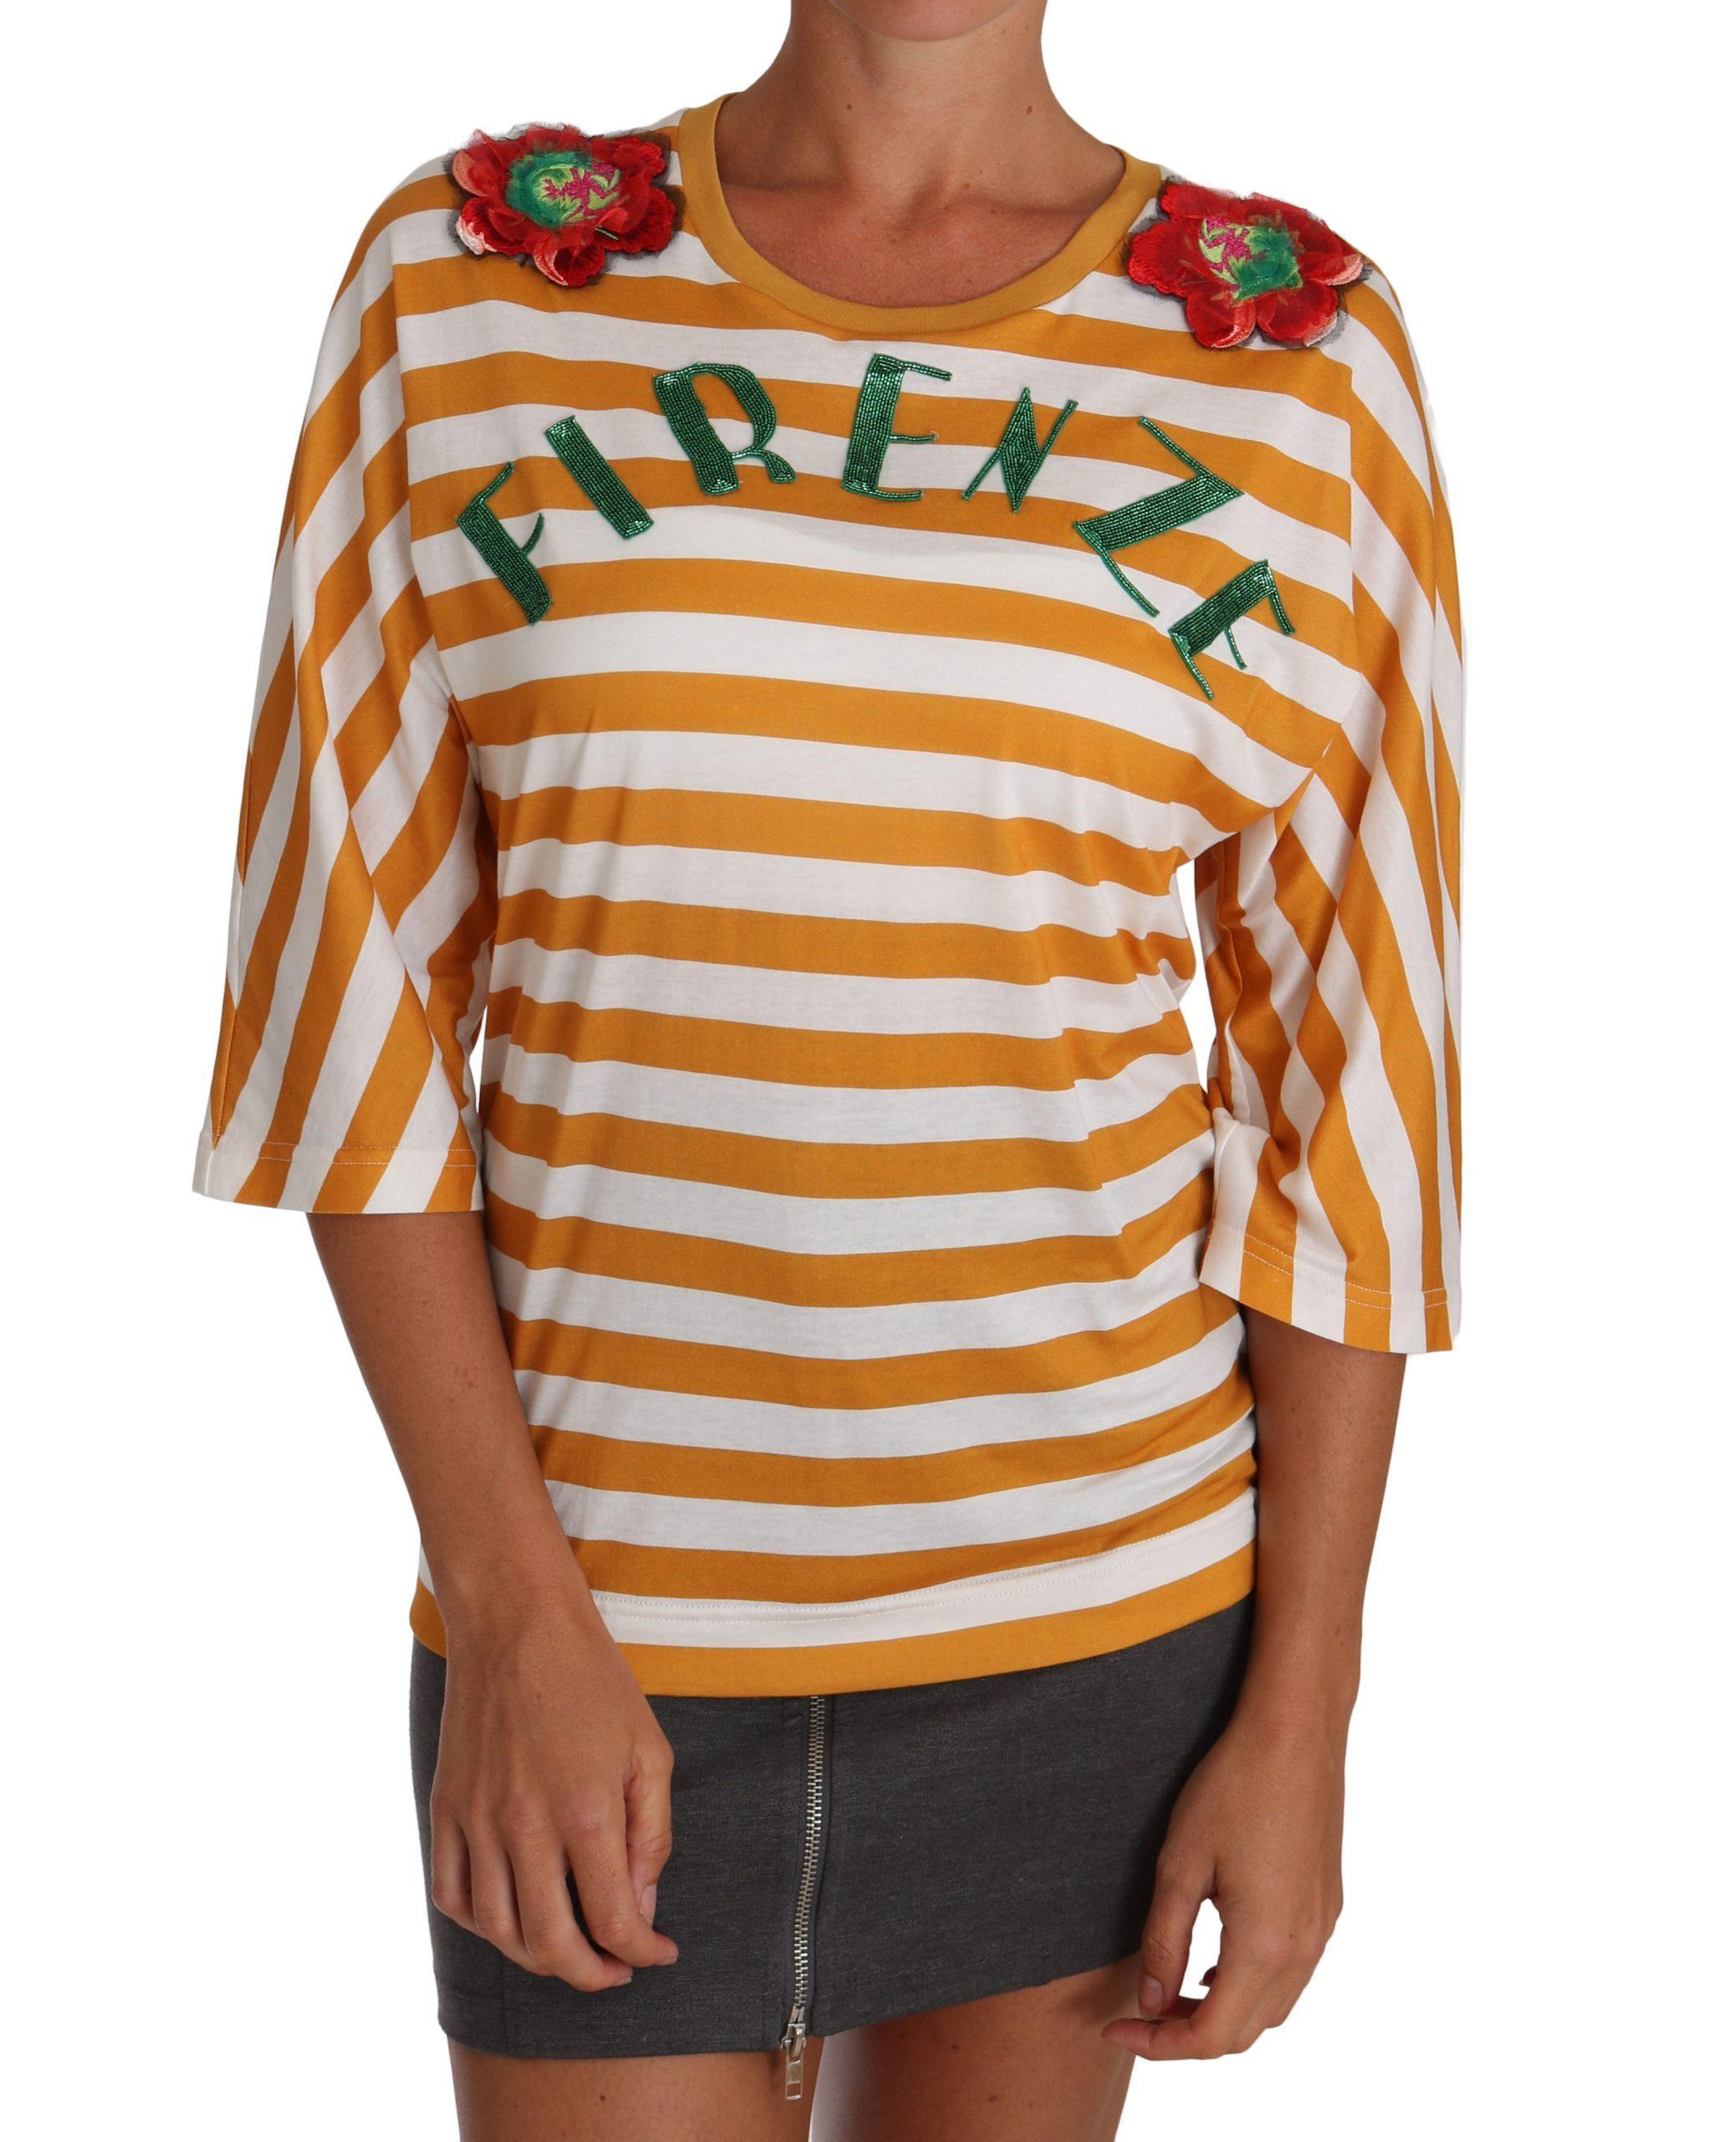 Dolce & Gabbana Women's FIRENZE Top Orange TSH2382 - IT36 | XS